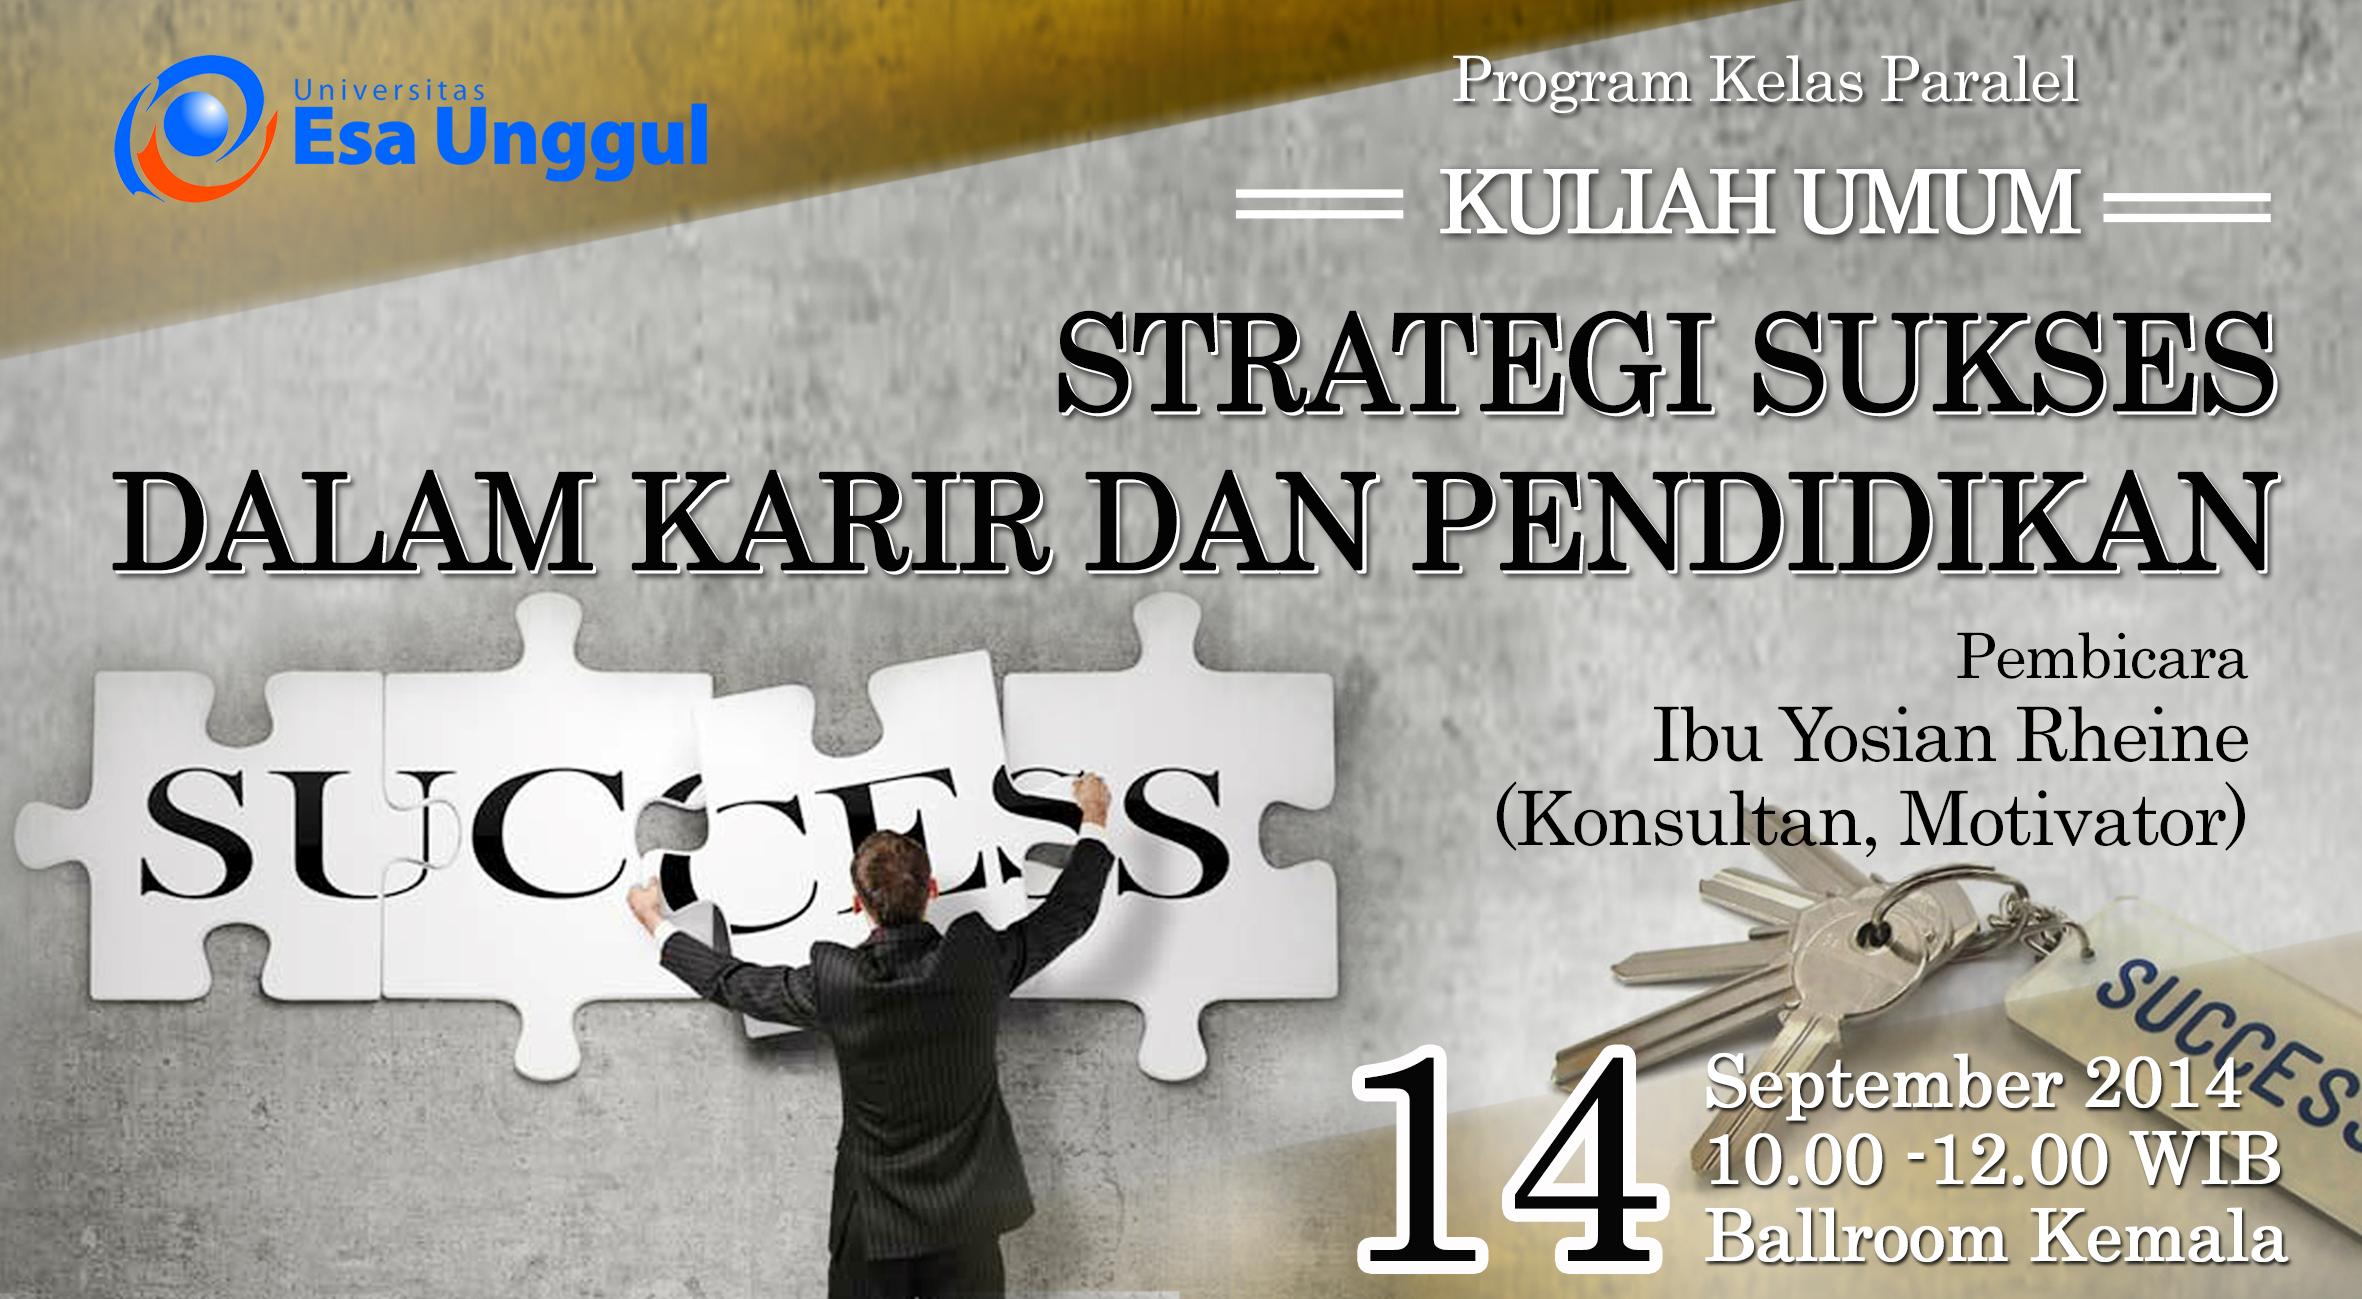 """Universitas Esa Unggul menyelenggarakan Kuliah Umum  """" Strategi Sukses dalam Karir dan Pendidikan """" untuk Program Kelas Paralel pada 14 September 2014"""